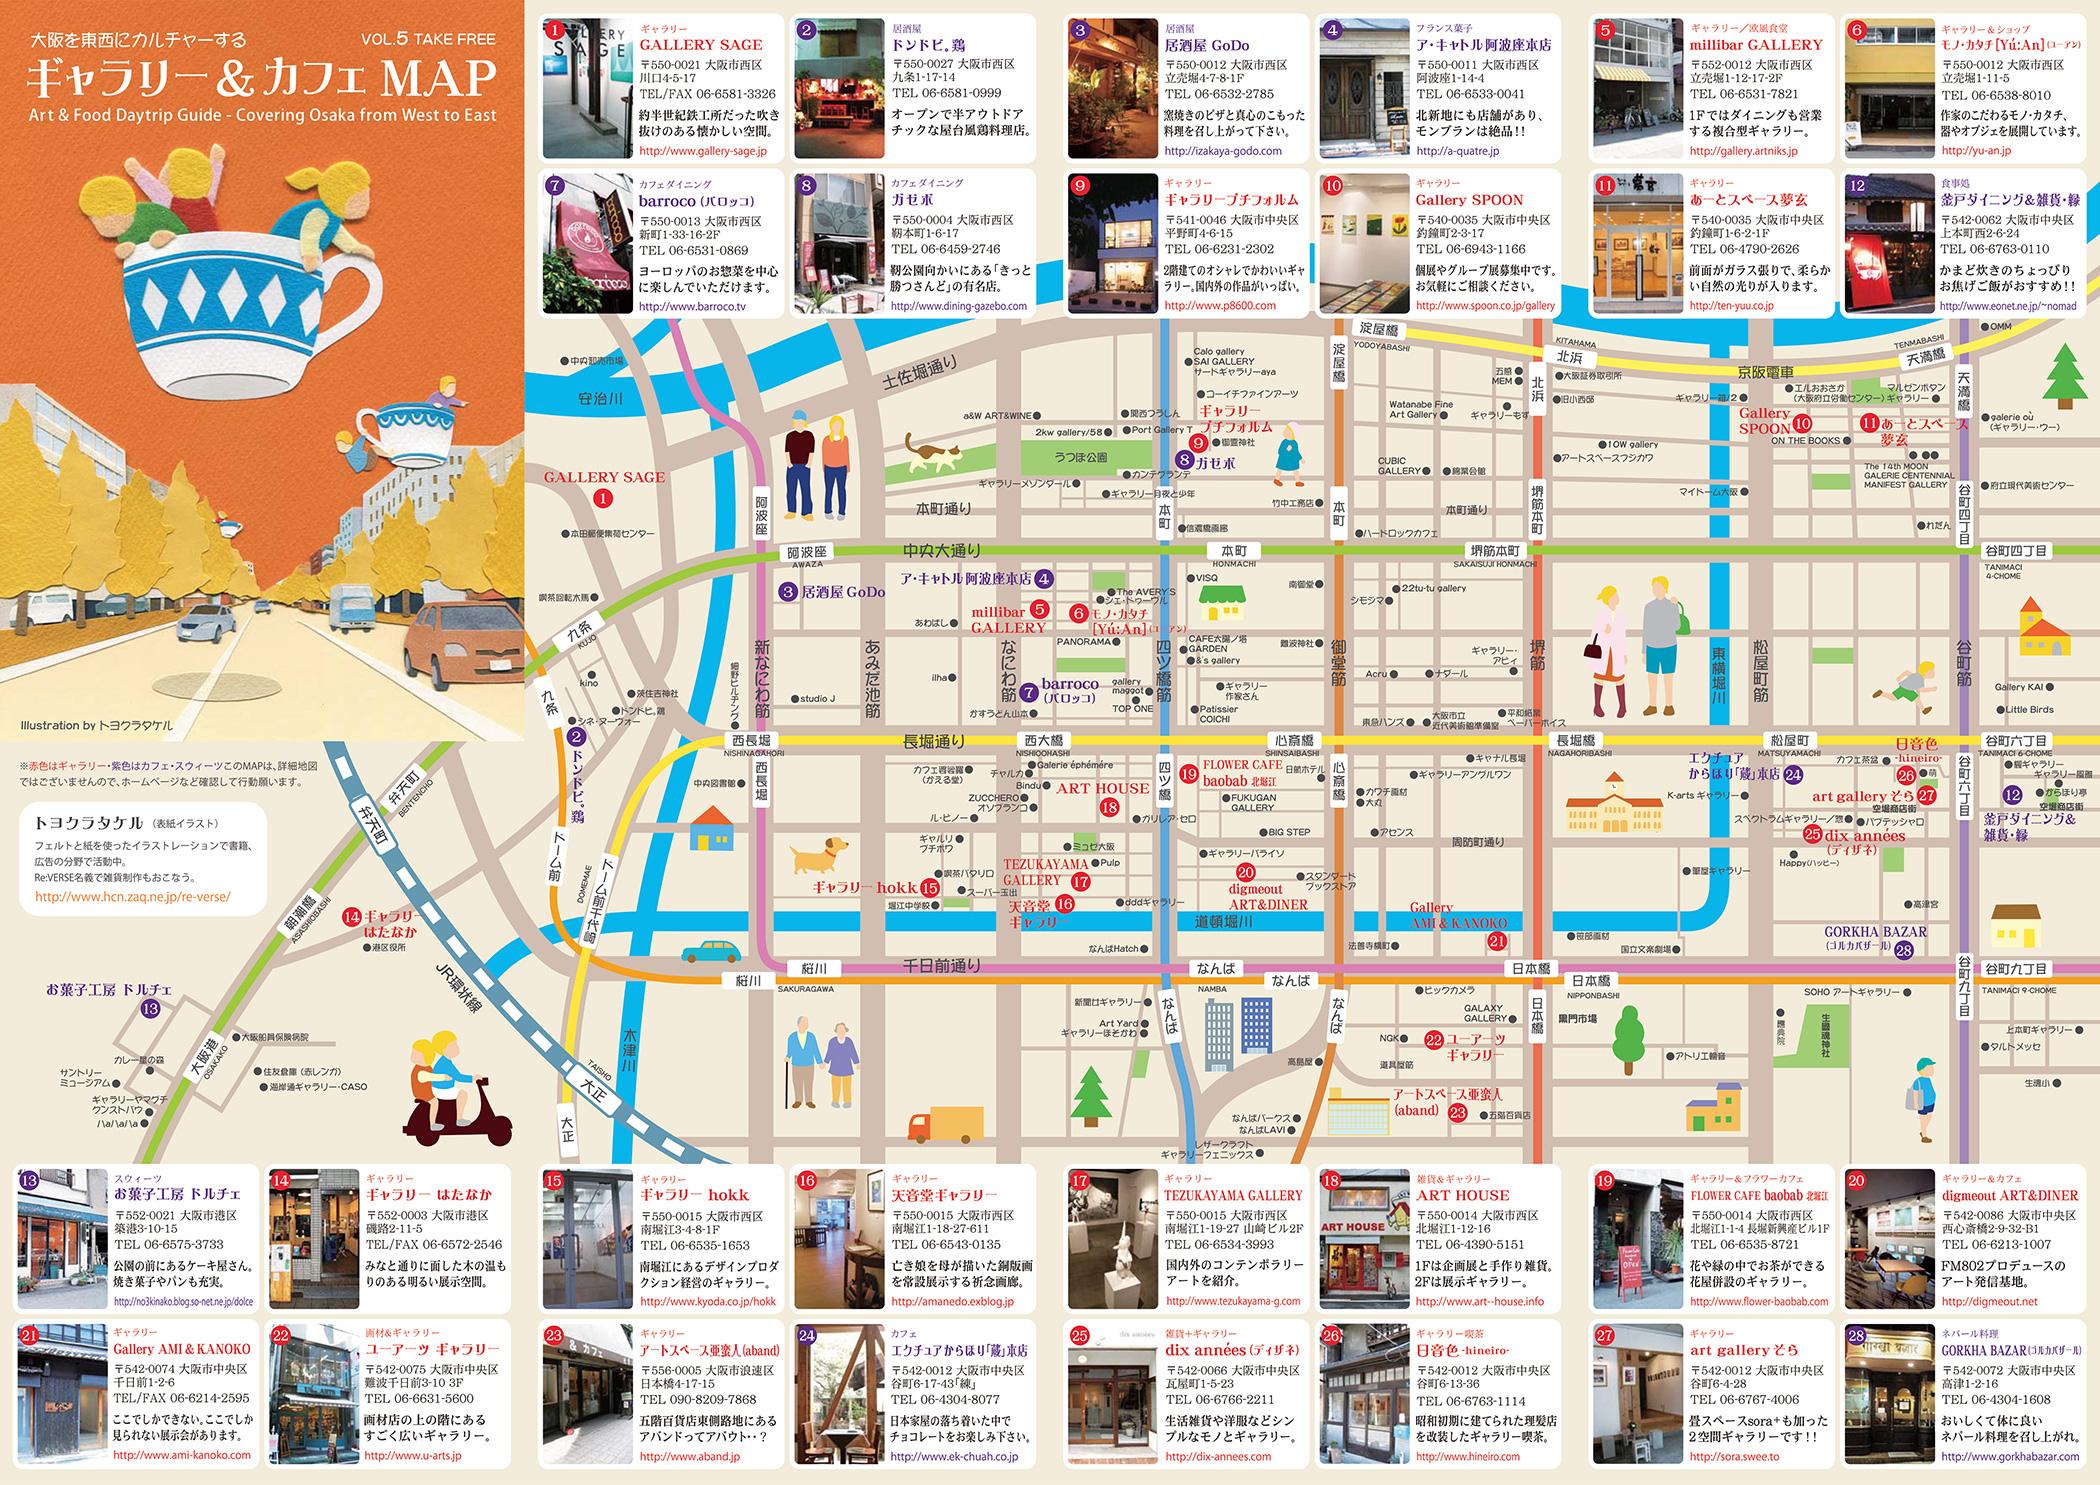 ギャラリー&カフェMAP vol.5 大阪を東西にカルチャーする